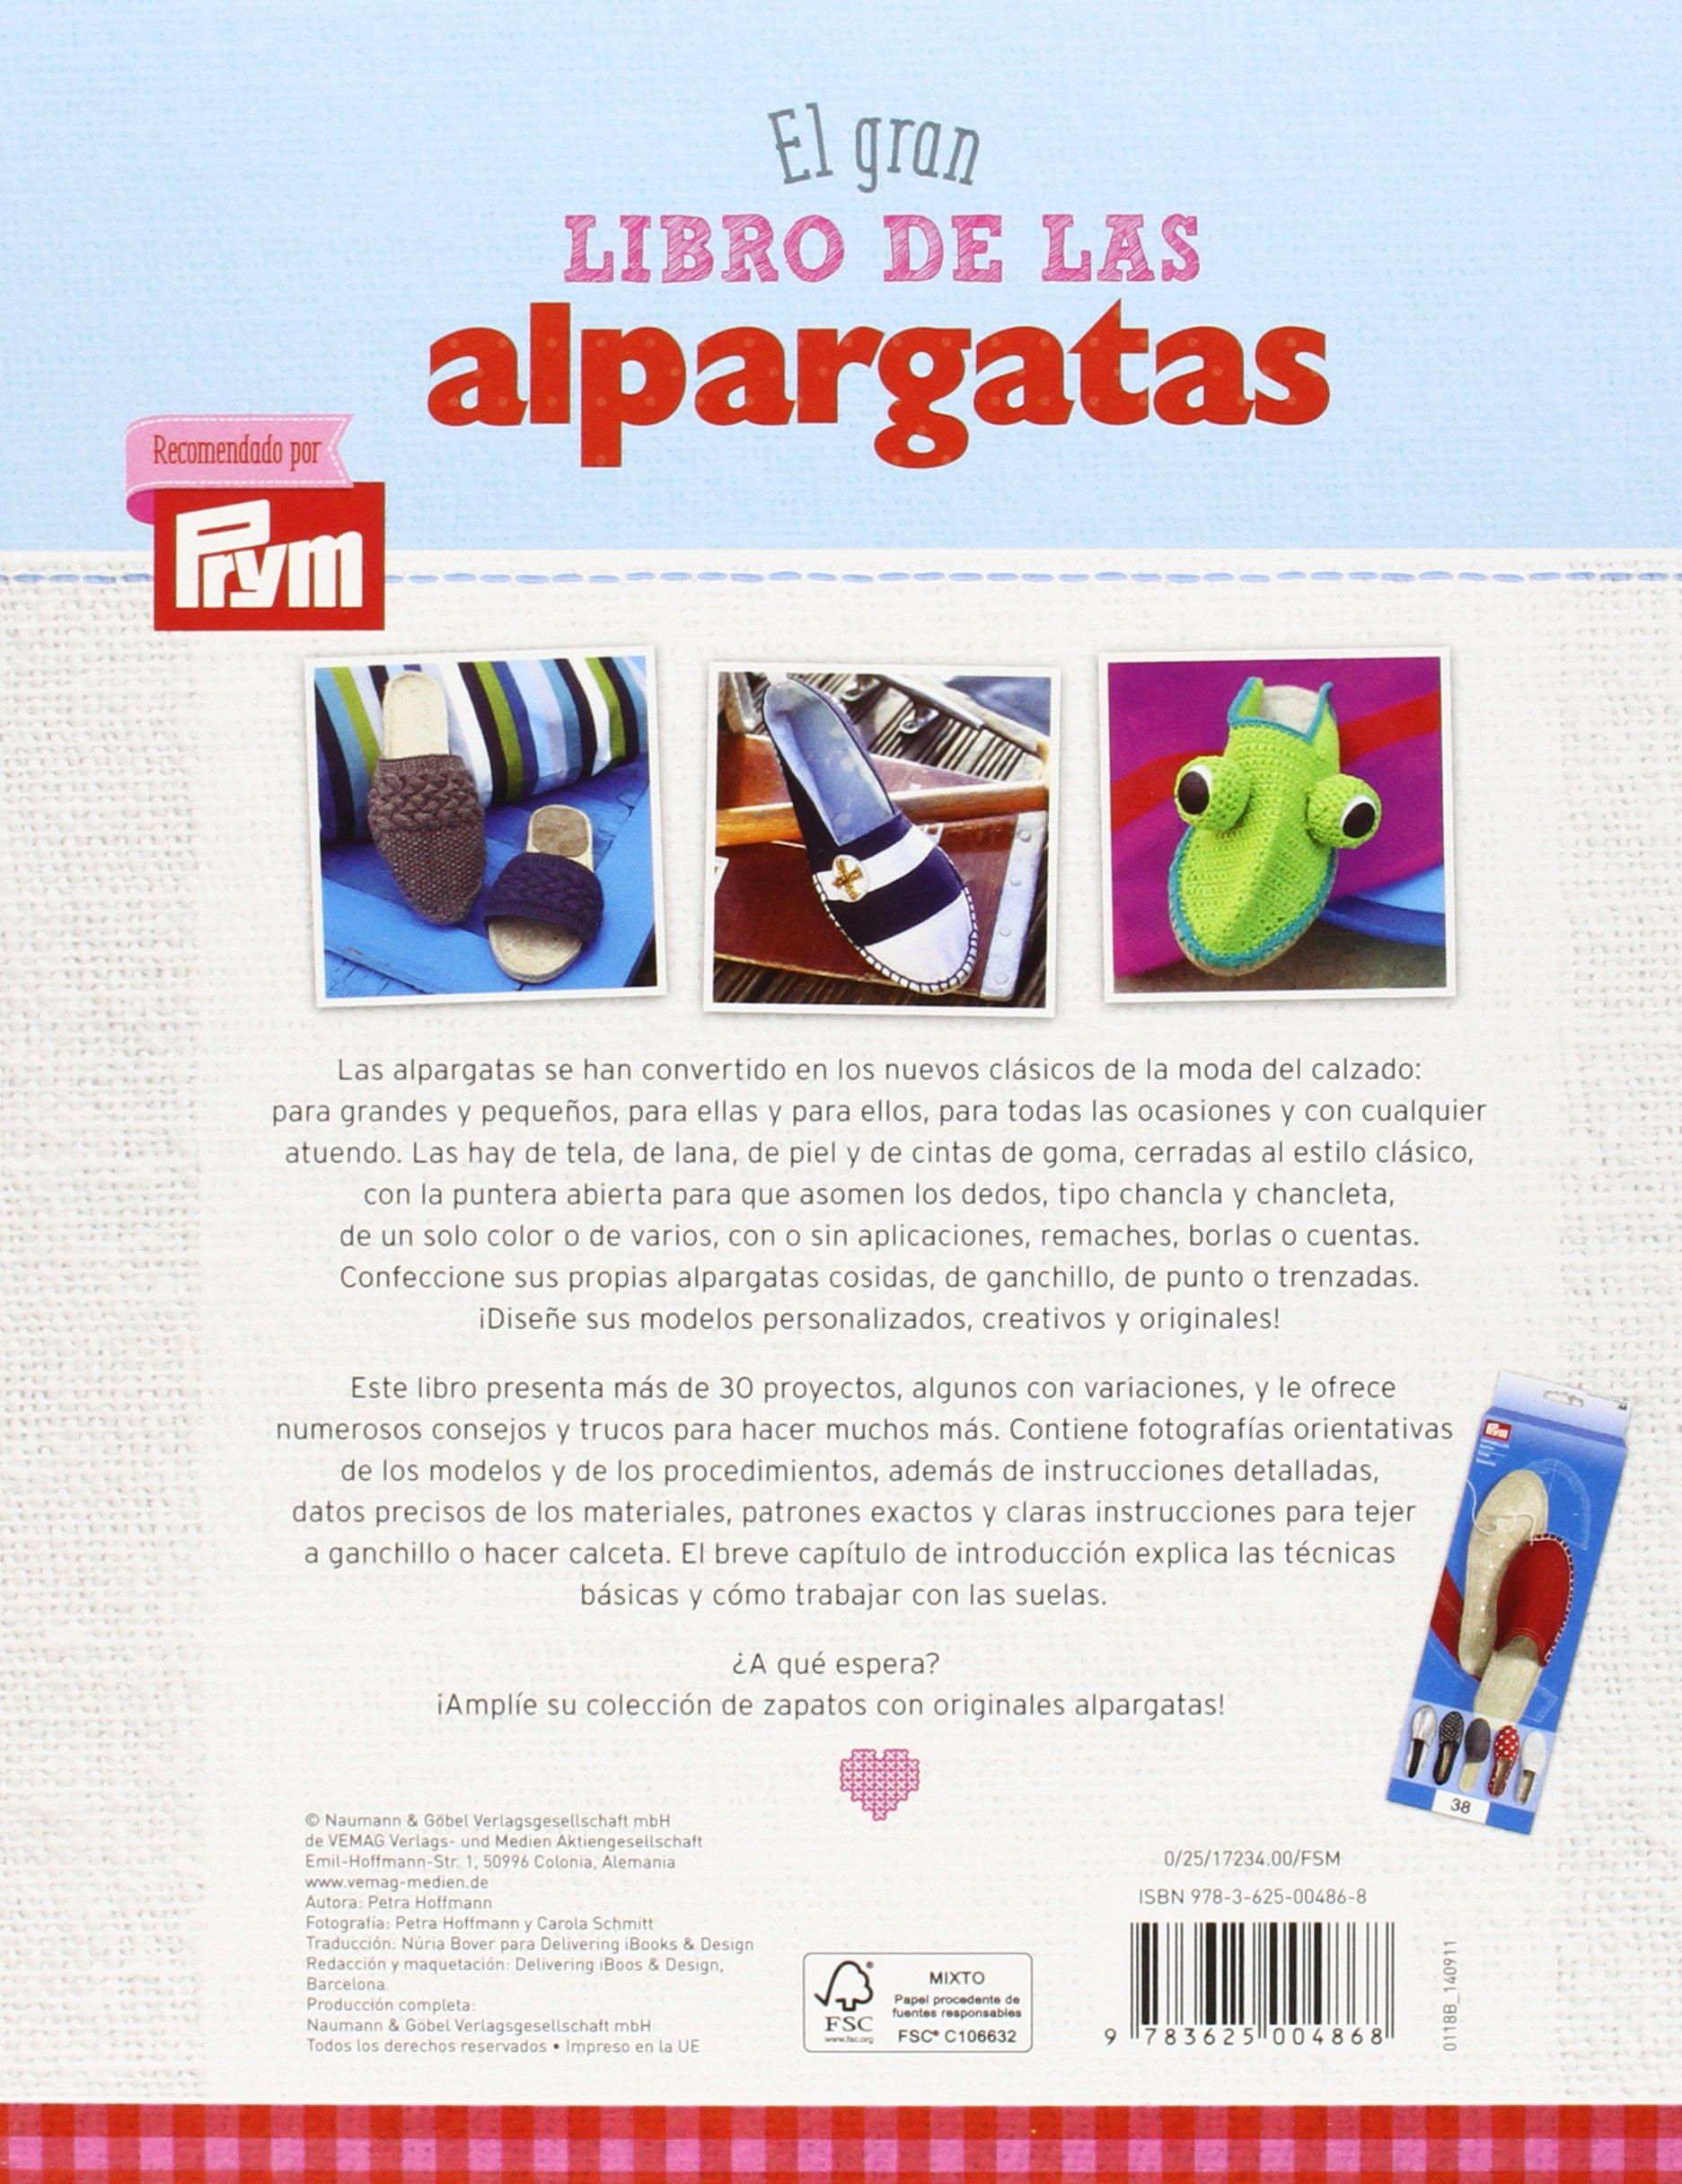 GRAN LIBRO DE LAS ALPARGATAS, EL: AA.VV: 9783625004868: Amazon.com: Books